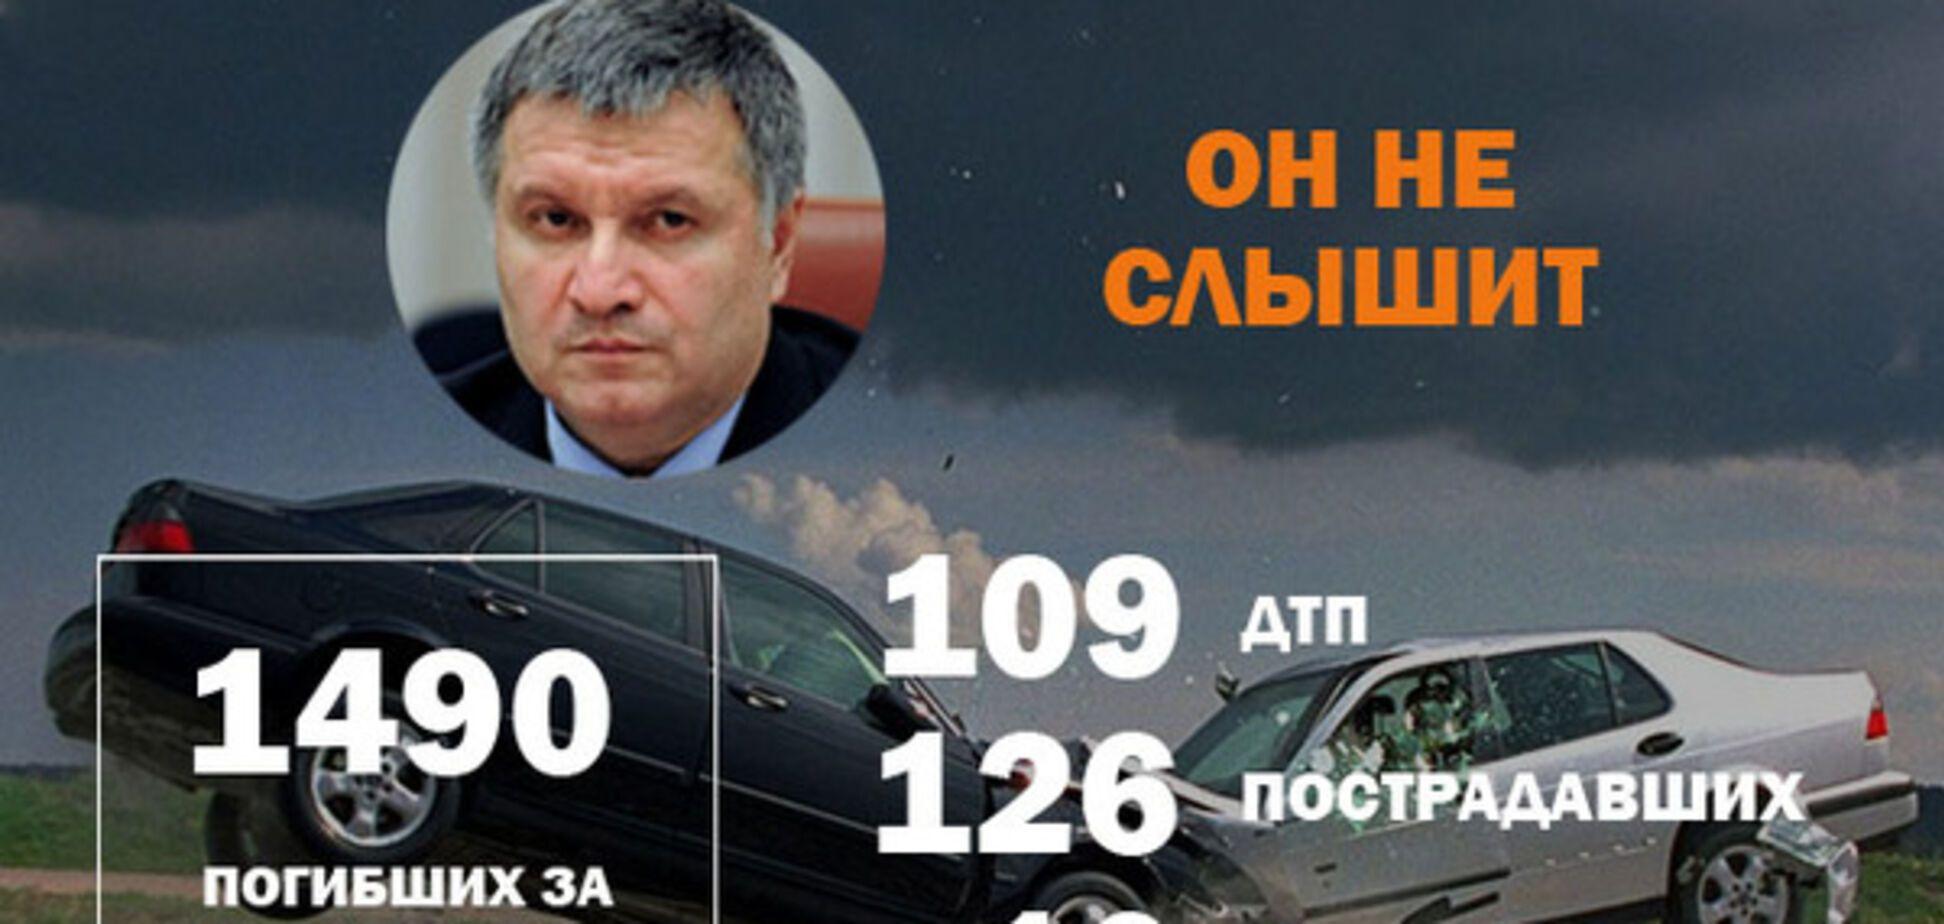 В Запорожской области произошло жуткое ДТП с семьей